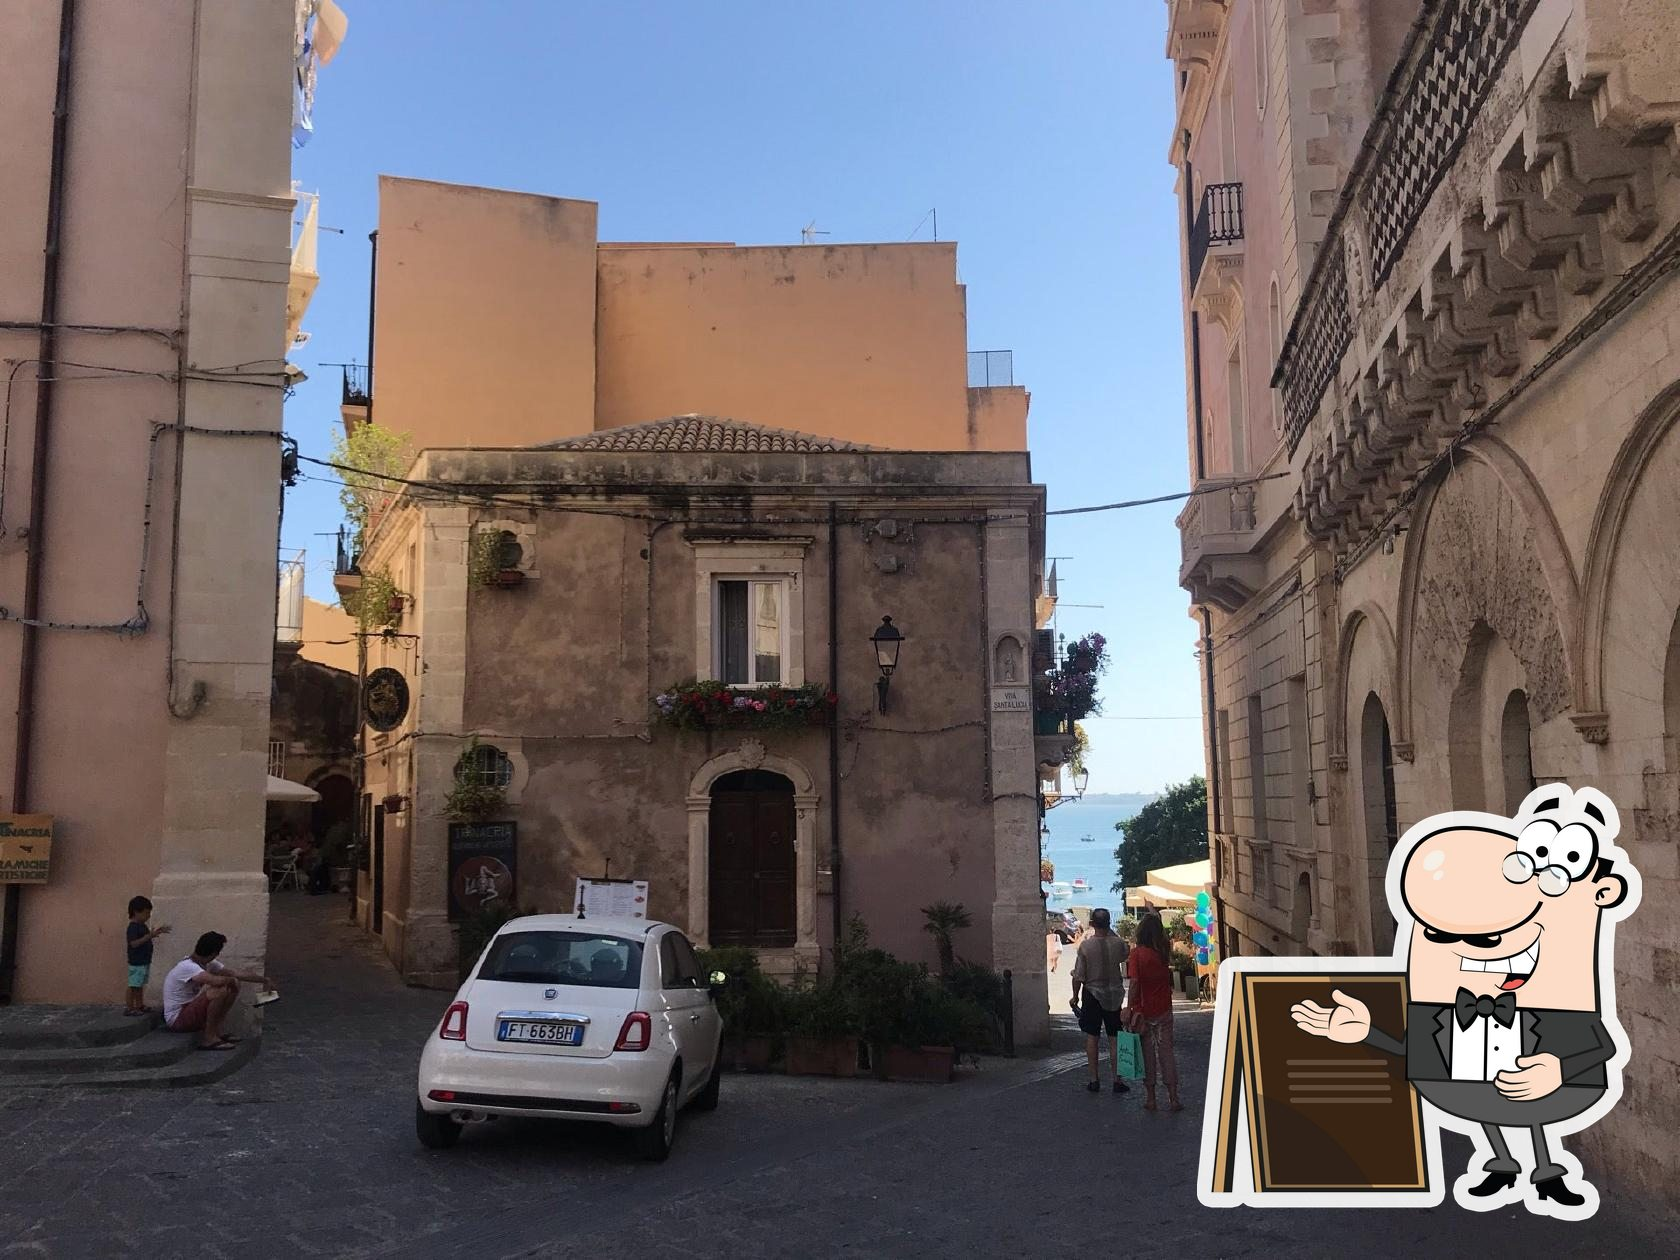 Puoi goderti l'aria fresca dal dehors di La Tavernetta da Piero civico 59